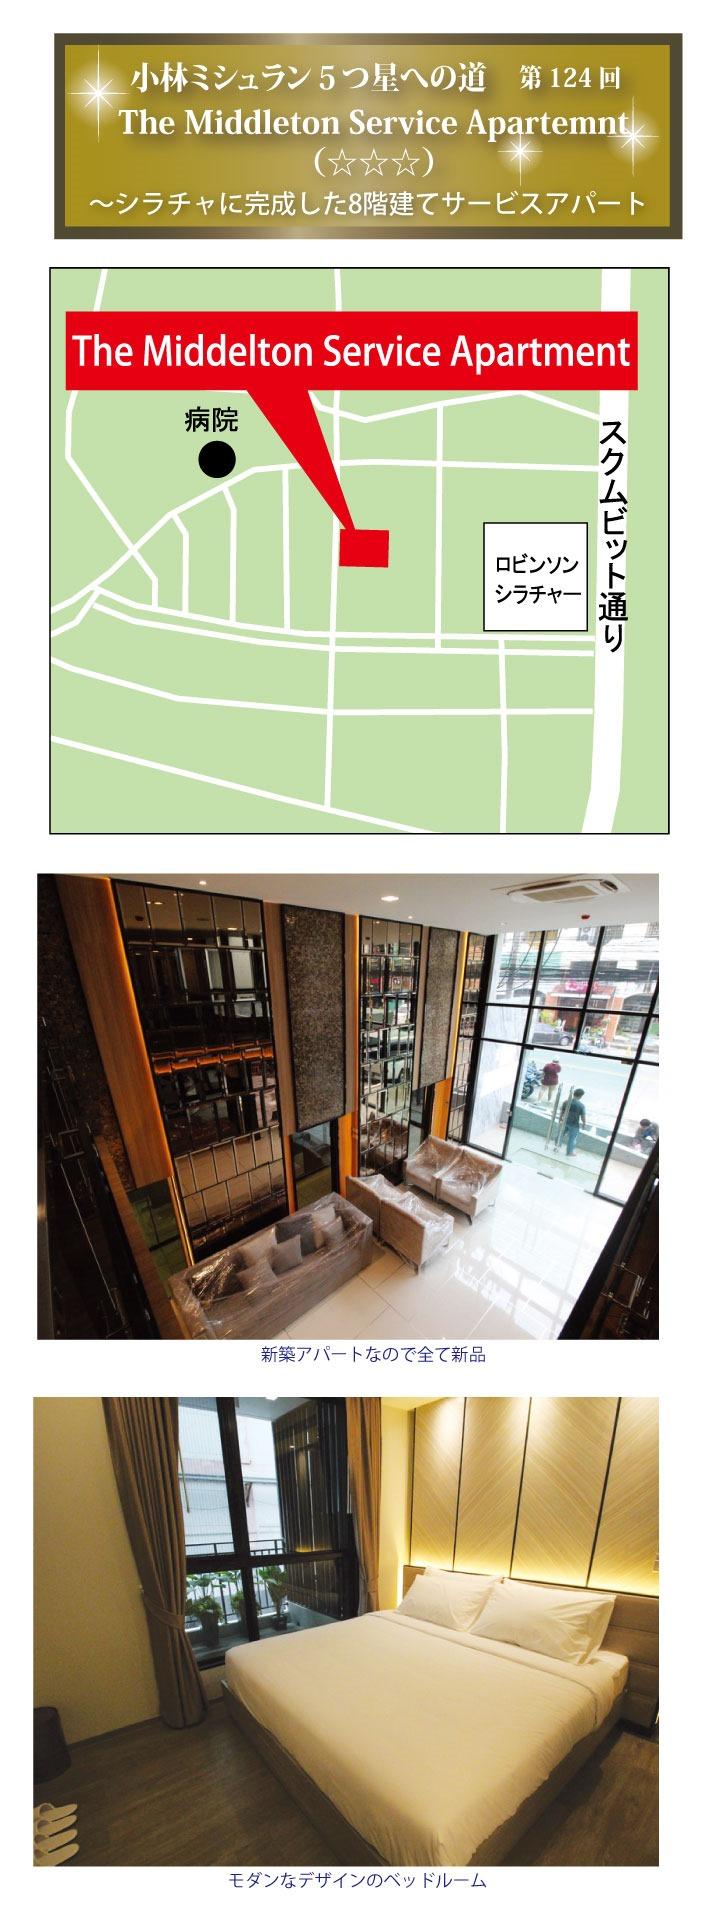 小林ミシュラン 5つ星への道の第124回は「ミドルトンサービスアパートメント」